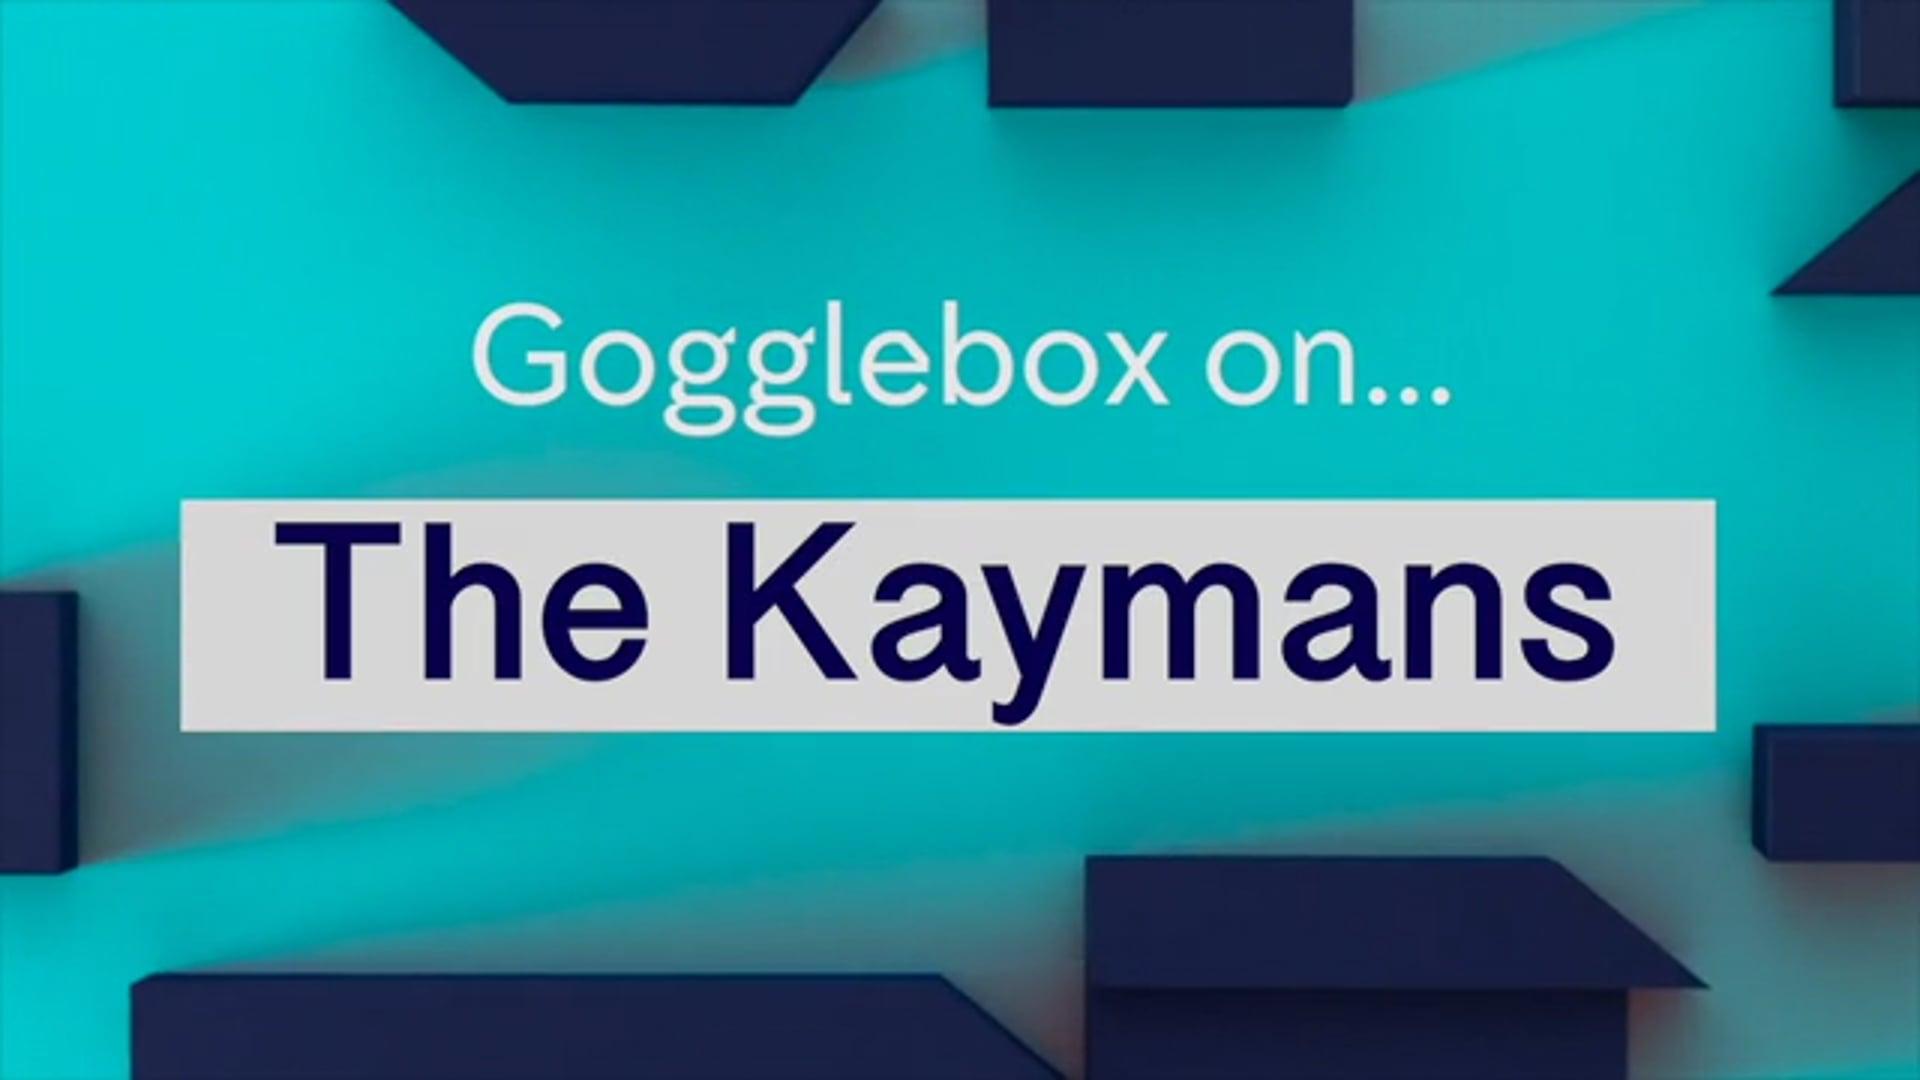 Zak Kayman Gogglebox Bar Mitzvah Movie